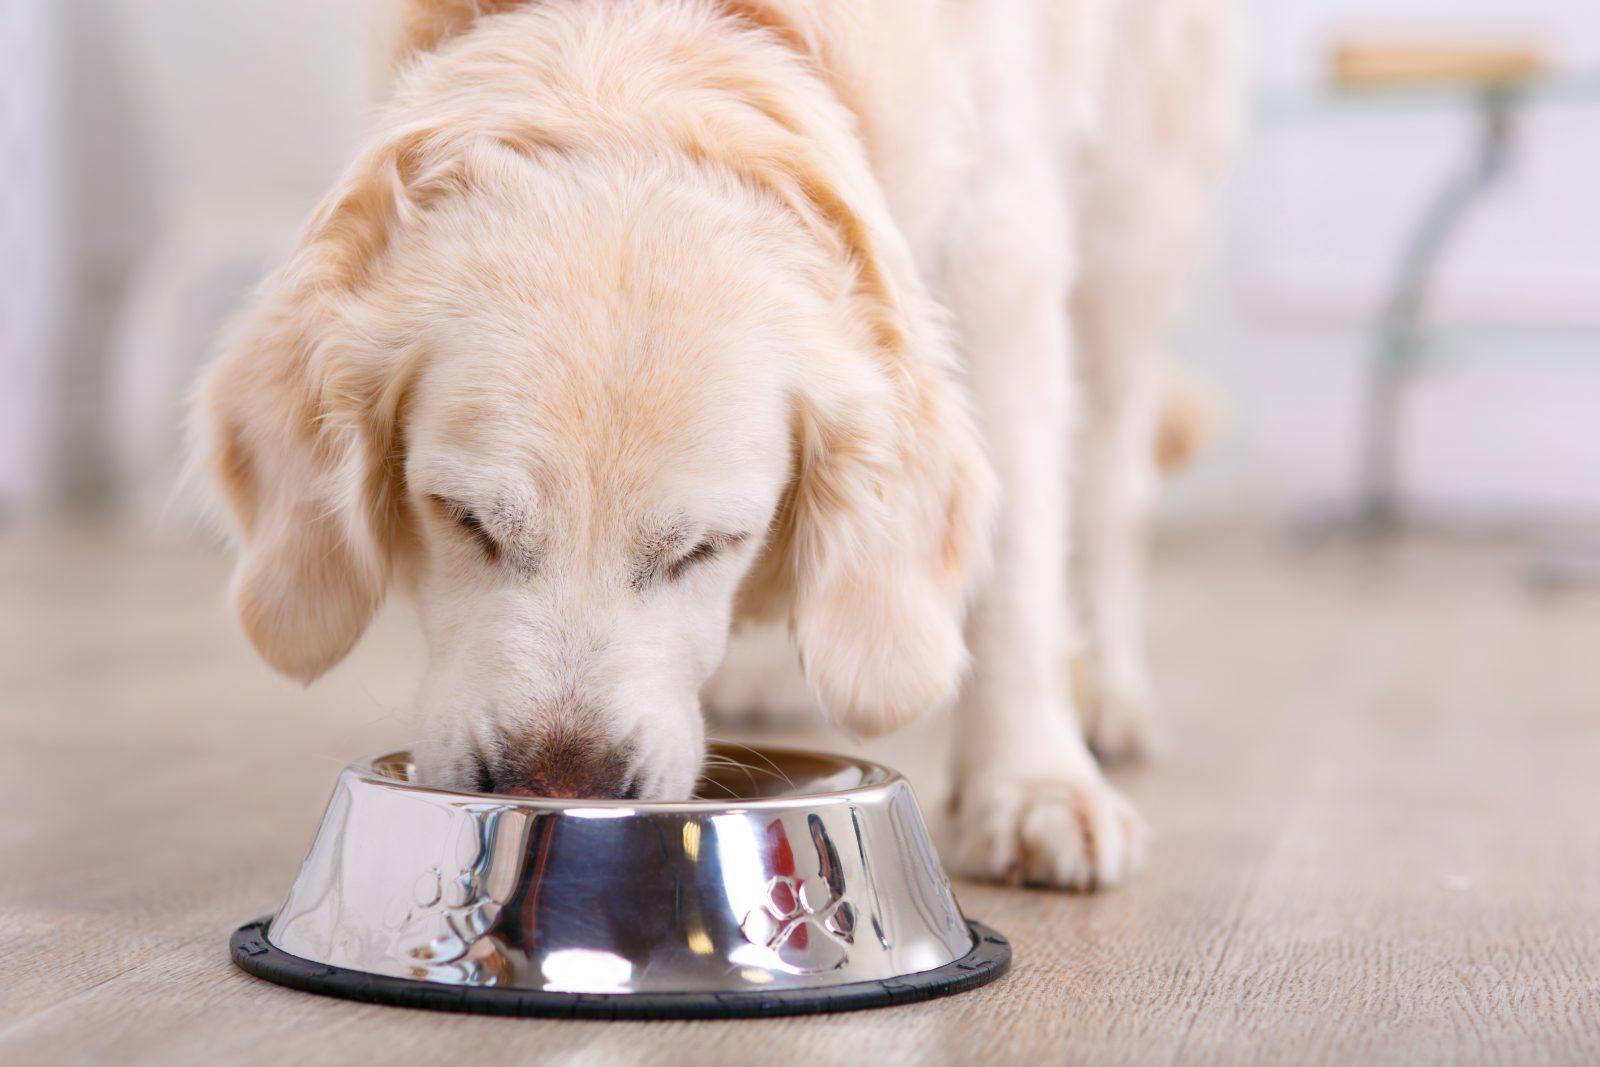 Ração para cachorro: Labrador retriever se alimentando de dieta mista